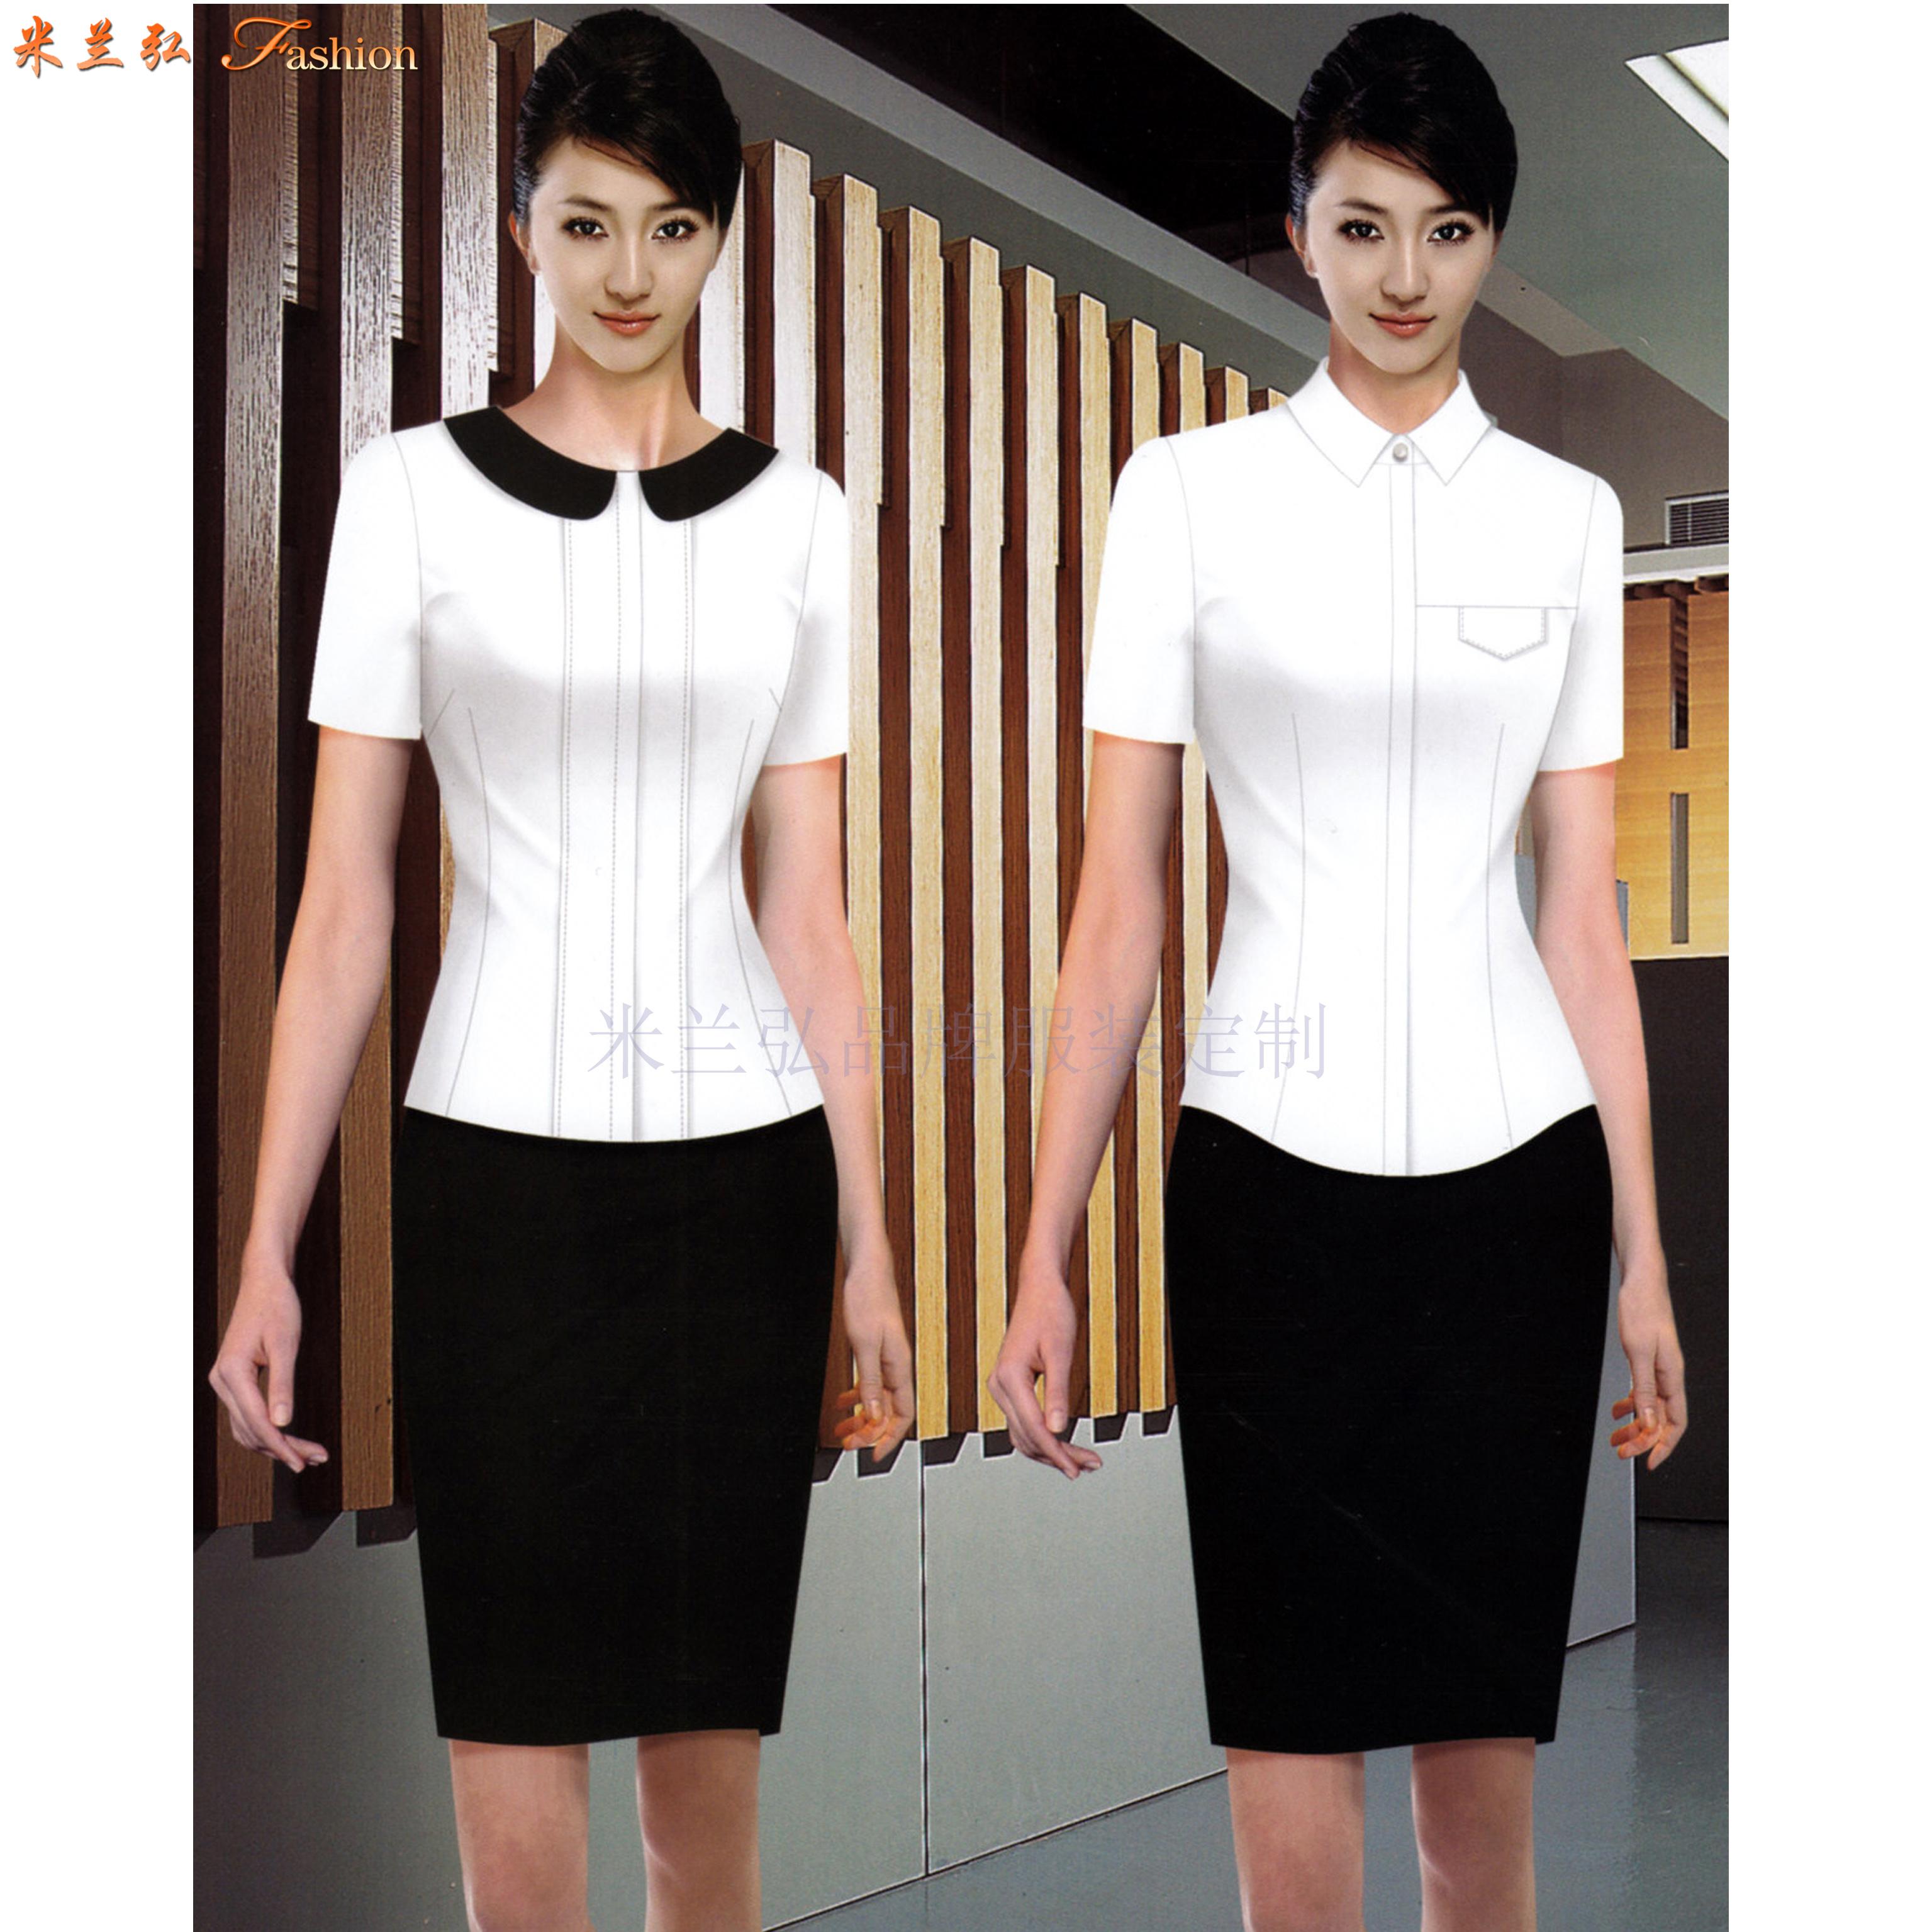 夏天襯衫定做_夏季短袖襯衫定制-米蘭弘服裝廠家-2